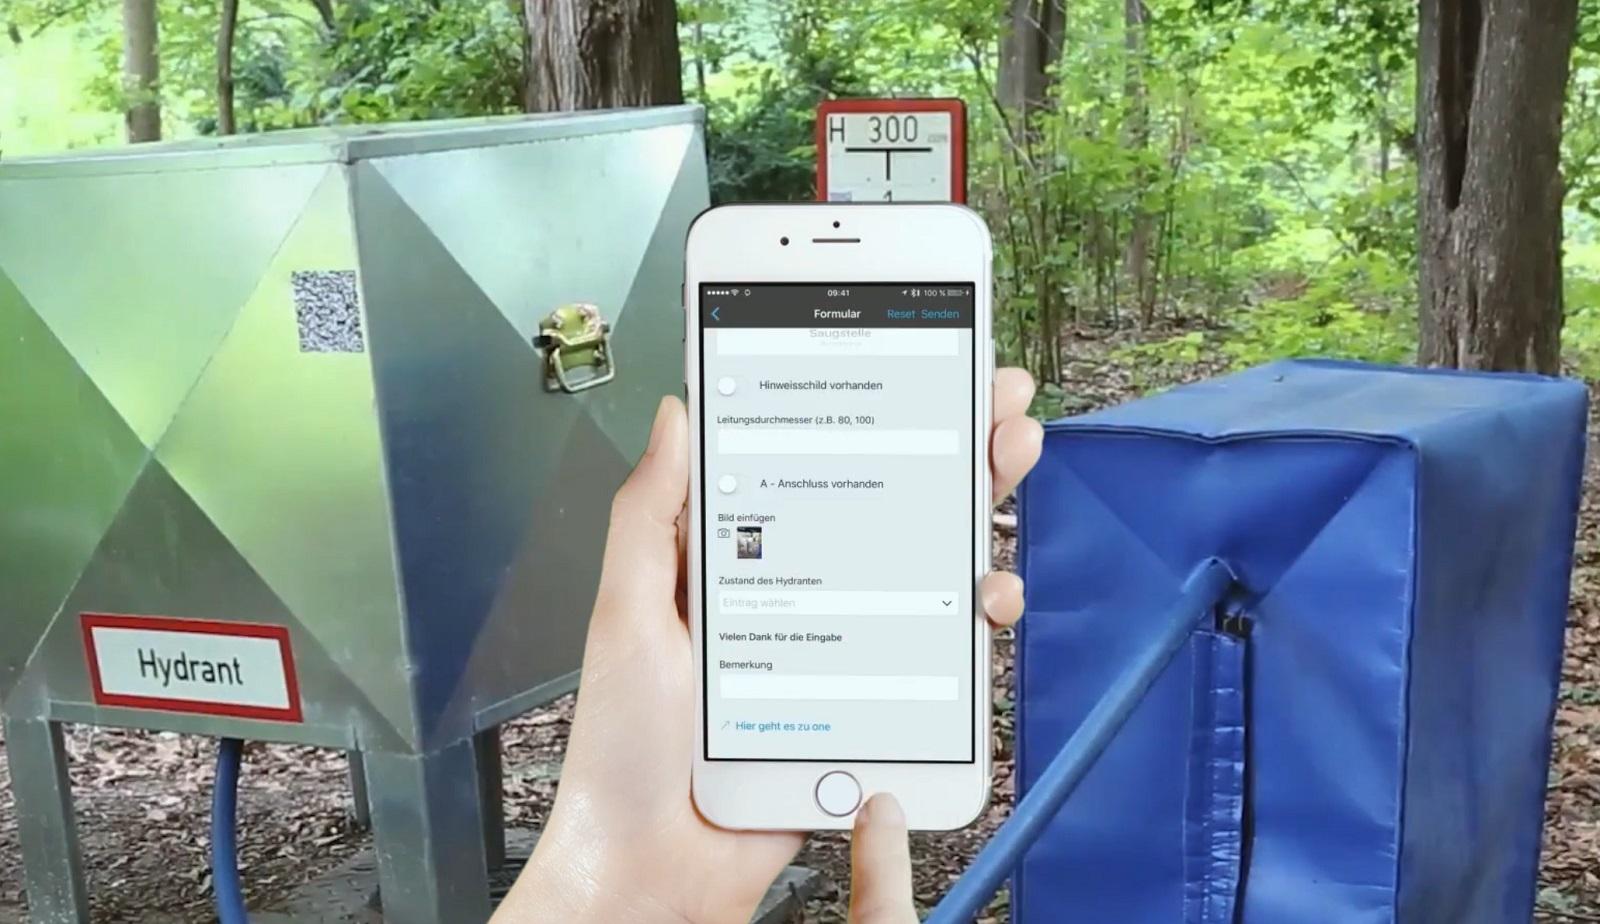 Hydrantenkontrolle per App | hhp berlin